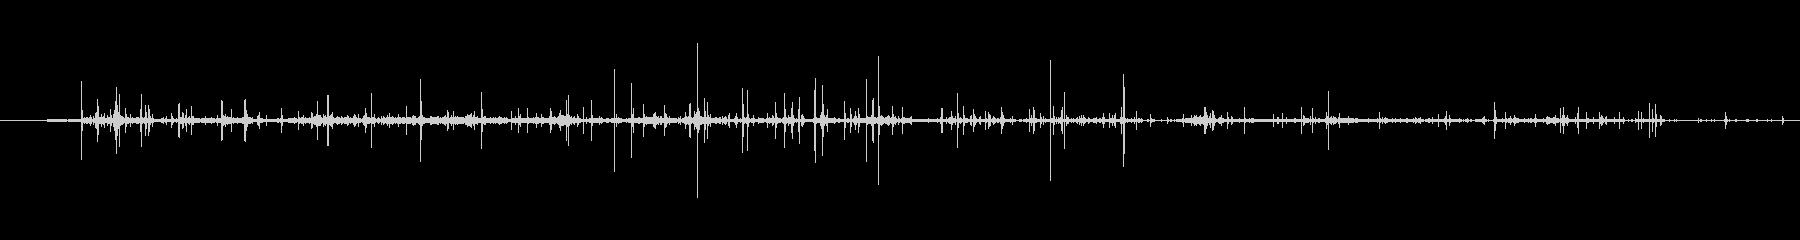 紙 ラッピングクランプル03の未再生の波形